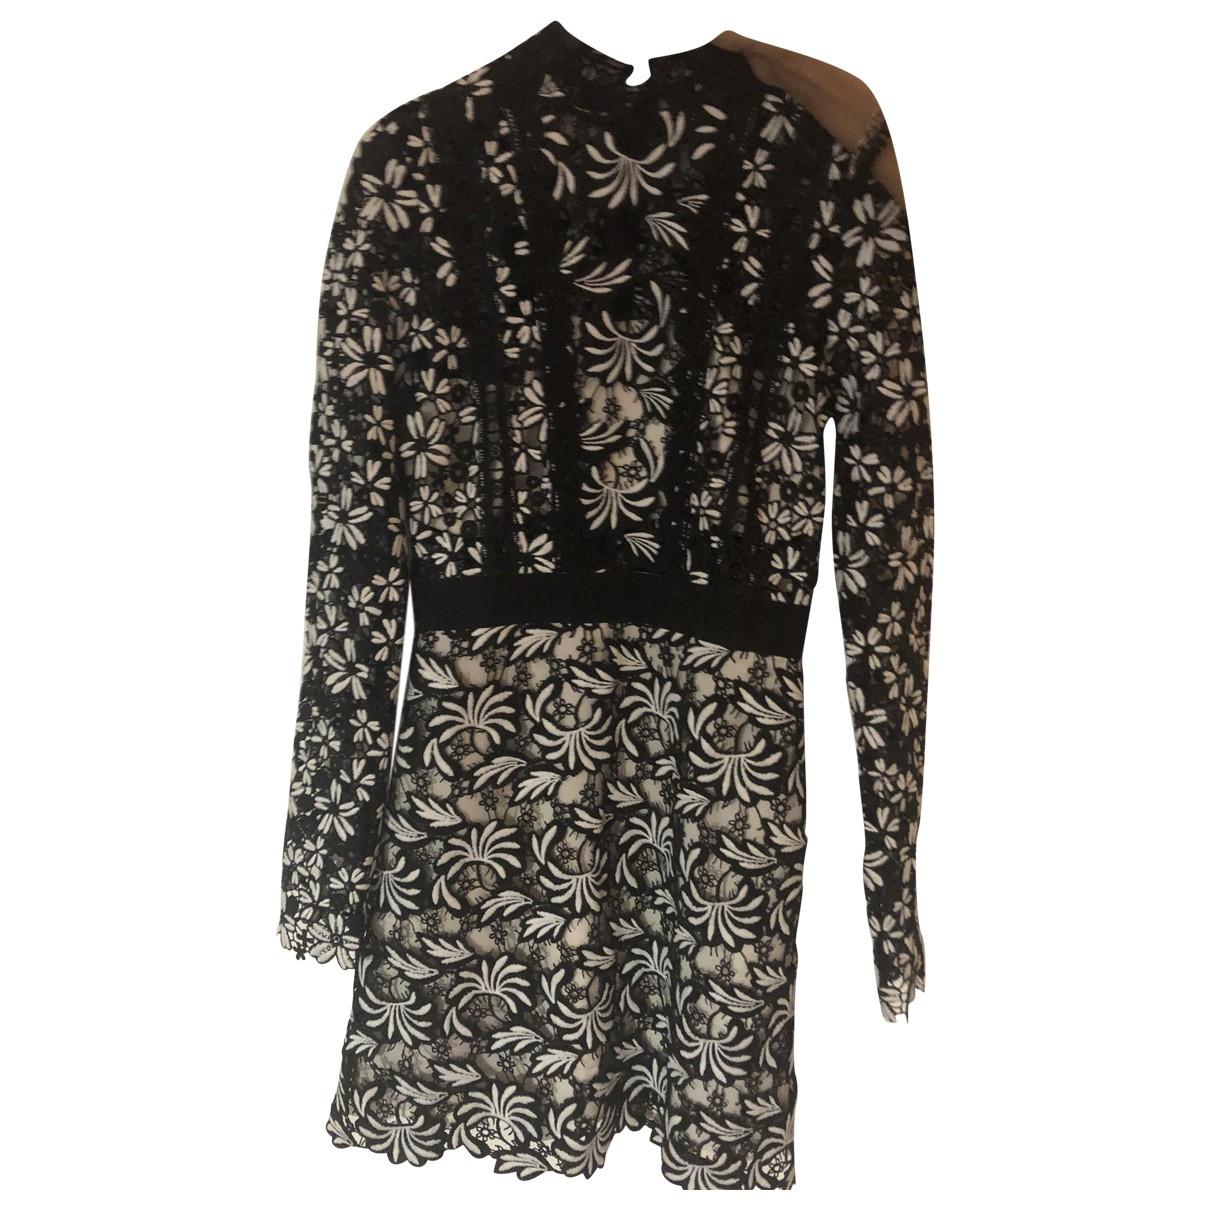 Self Portrait \N Black Lace dress for Women 6 UK